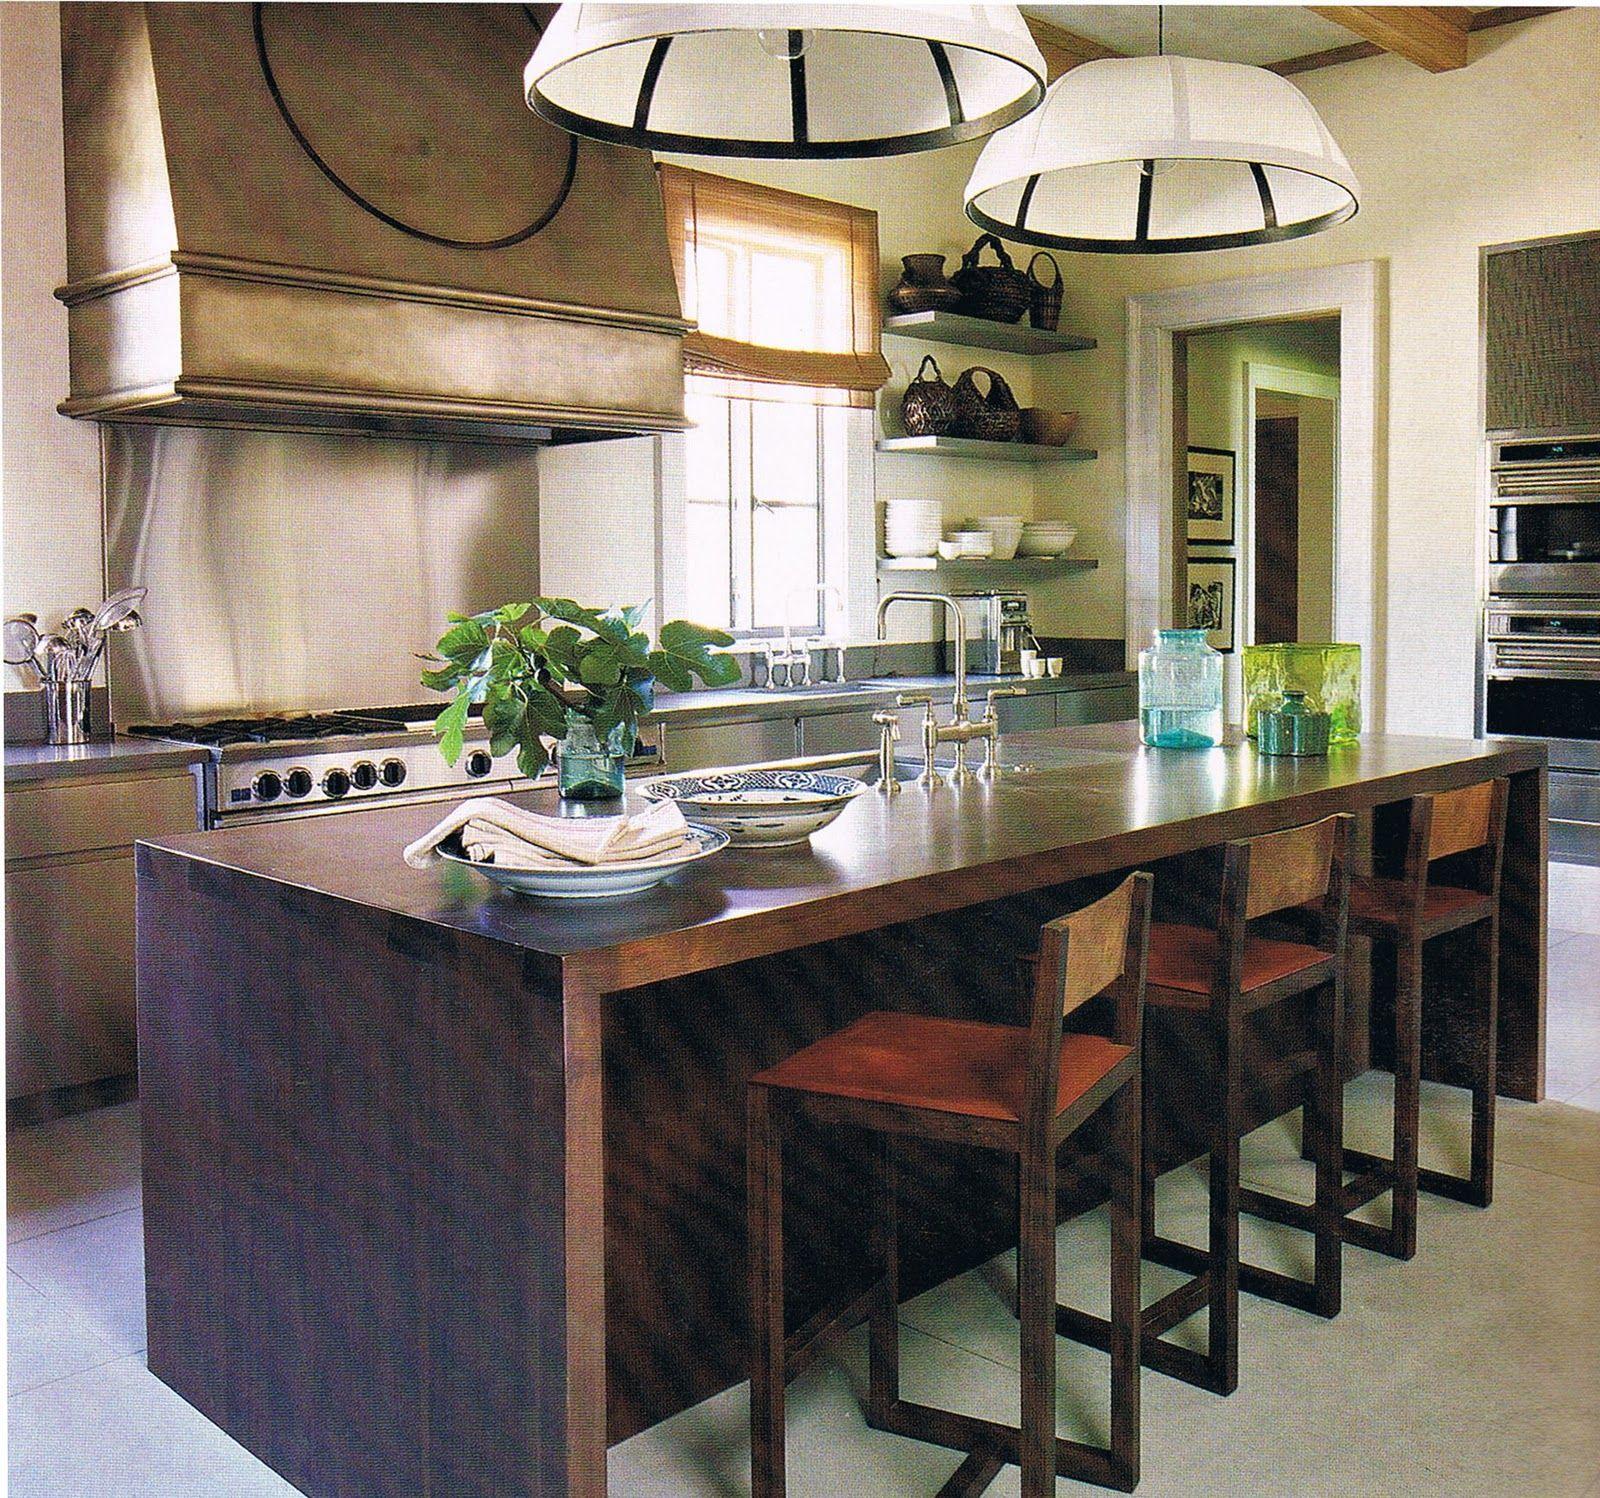 creative kitchen islands | Insel-design, Küche insel und Inseln